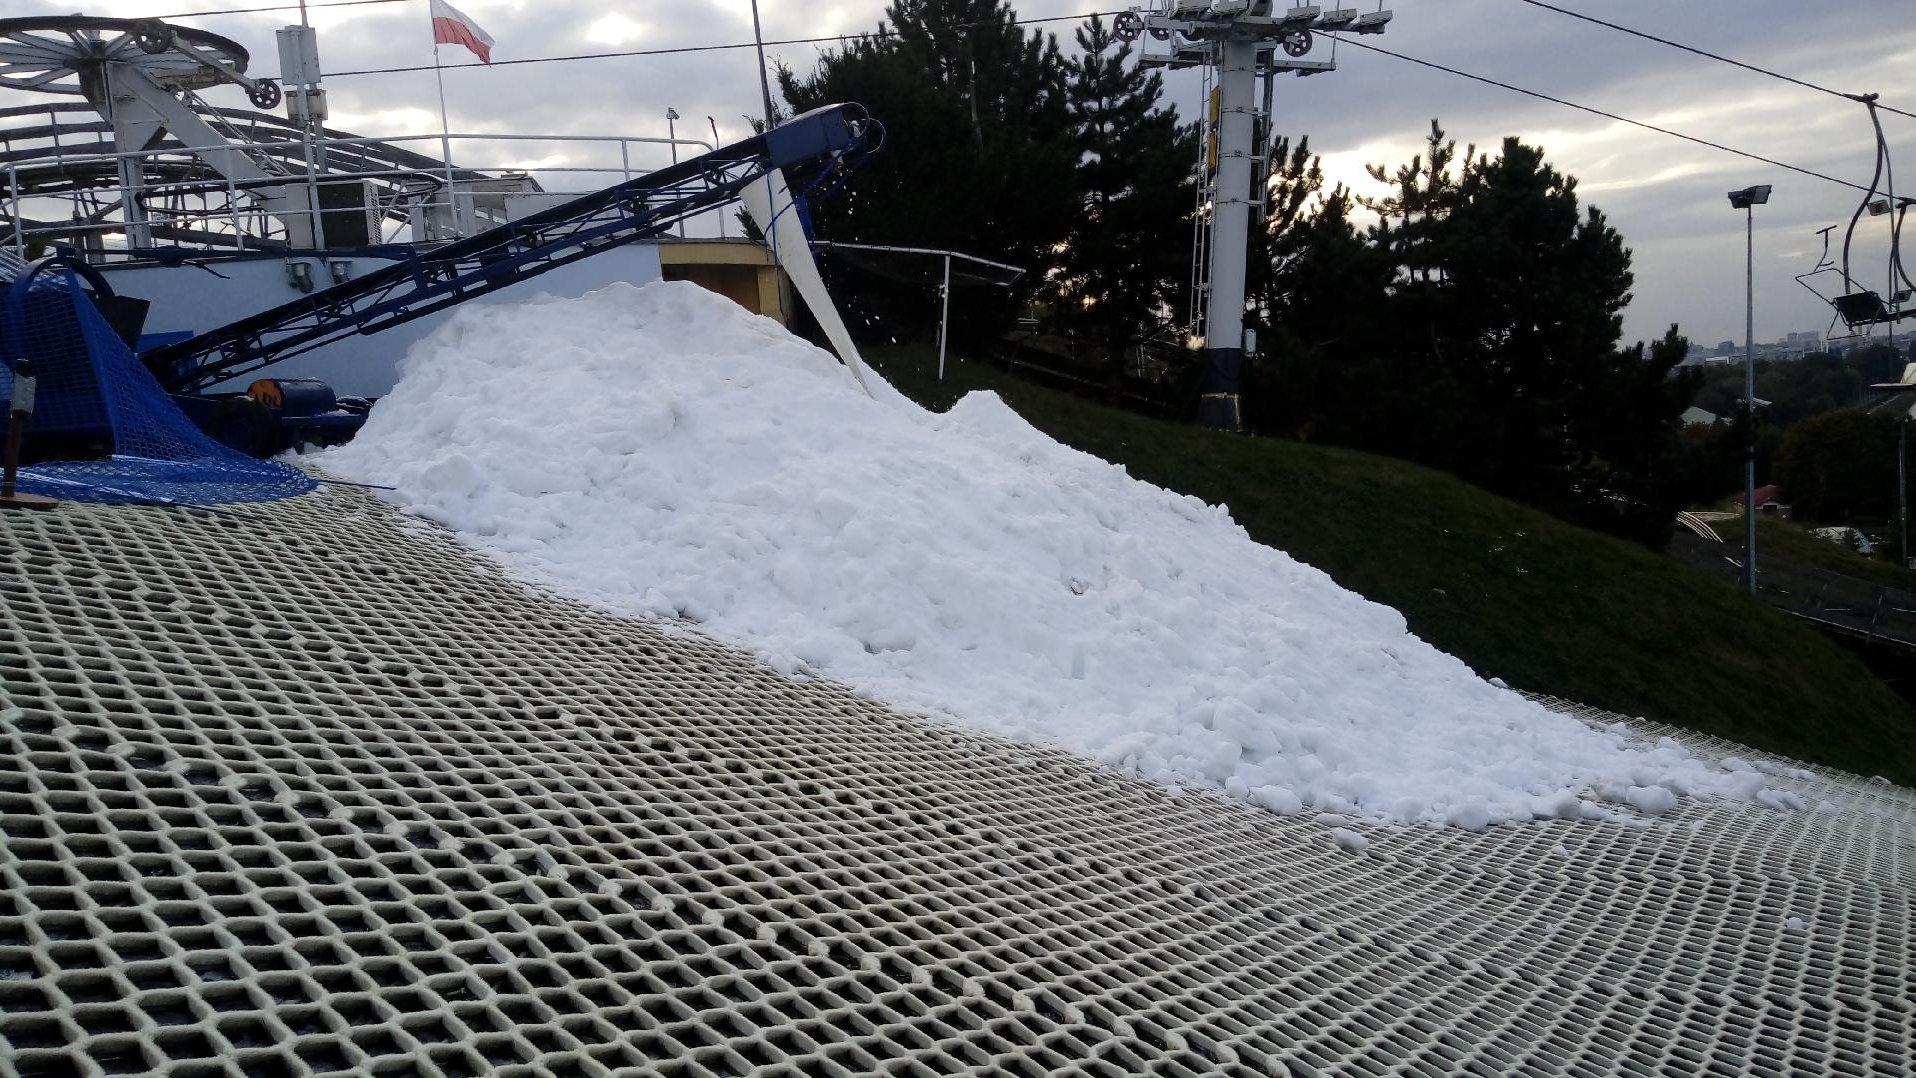 Zdjęcie przedstawia stok narciarski częściowo pokryty sniegiem. - grafika artykułu